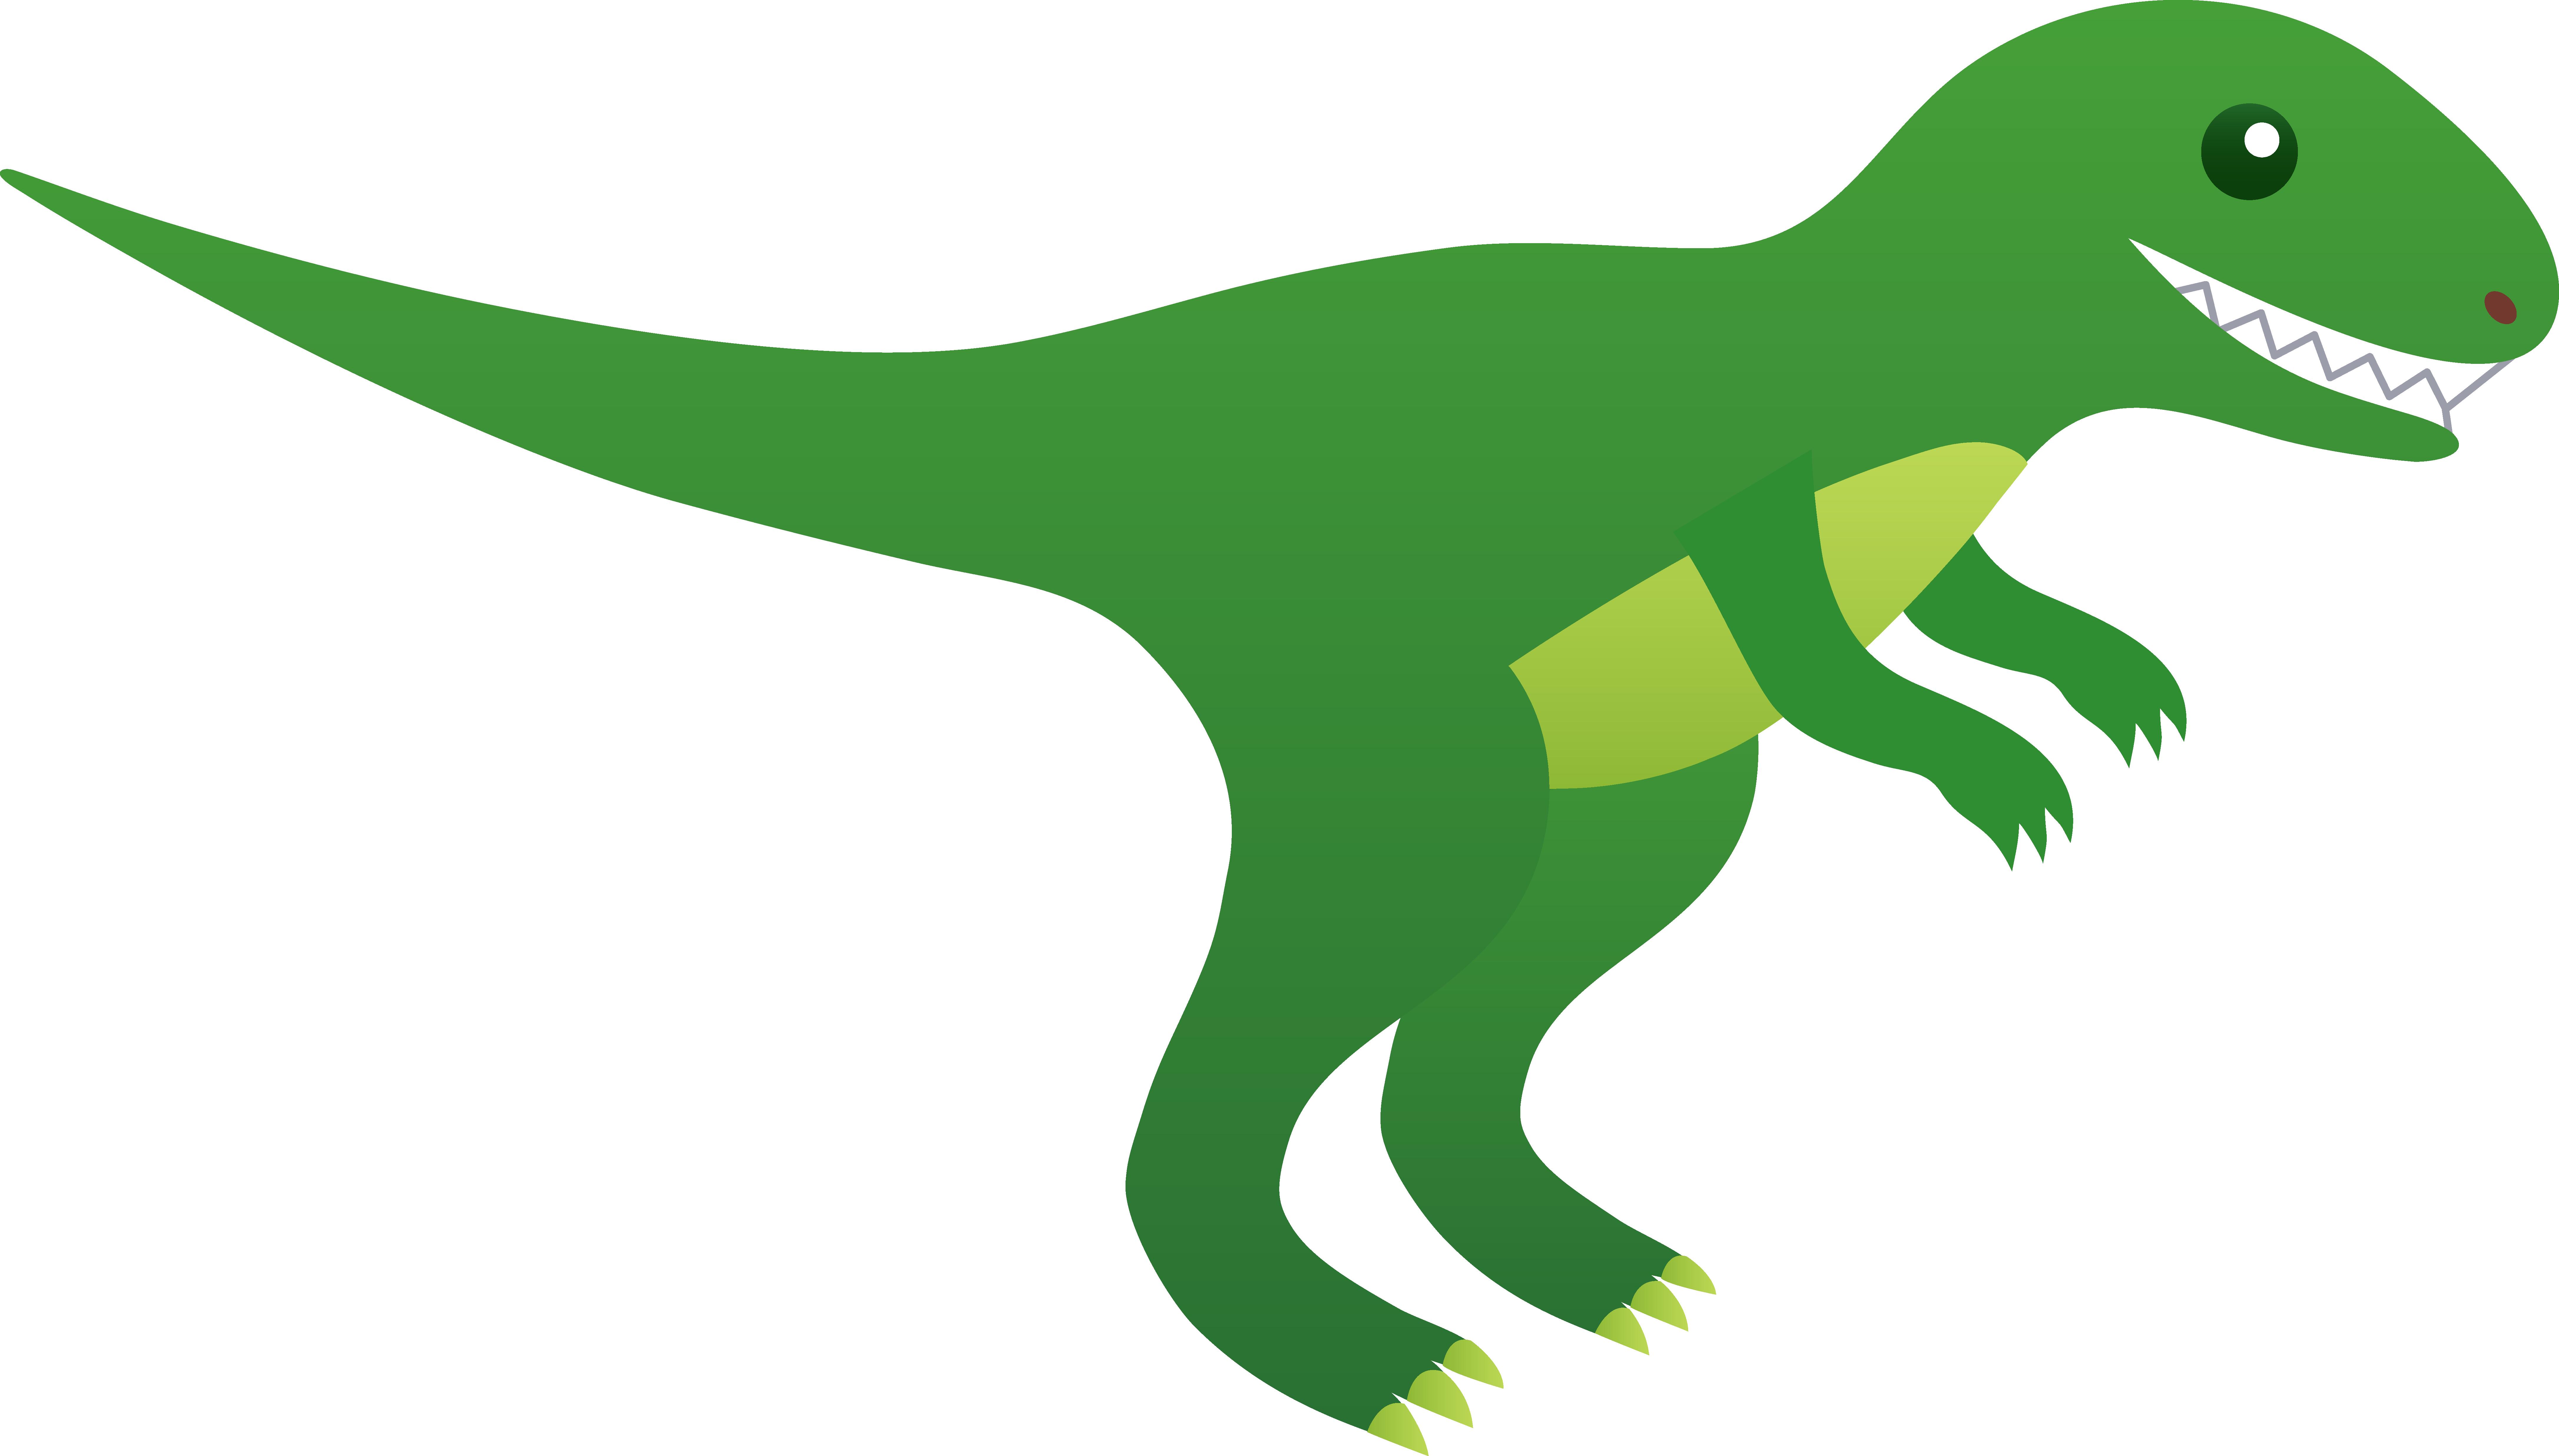 Tyrannosaurus Rex Dinosaur.